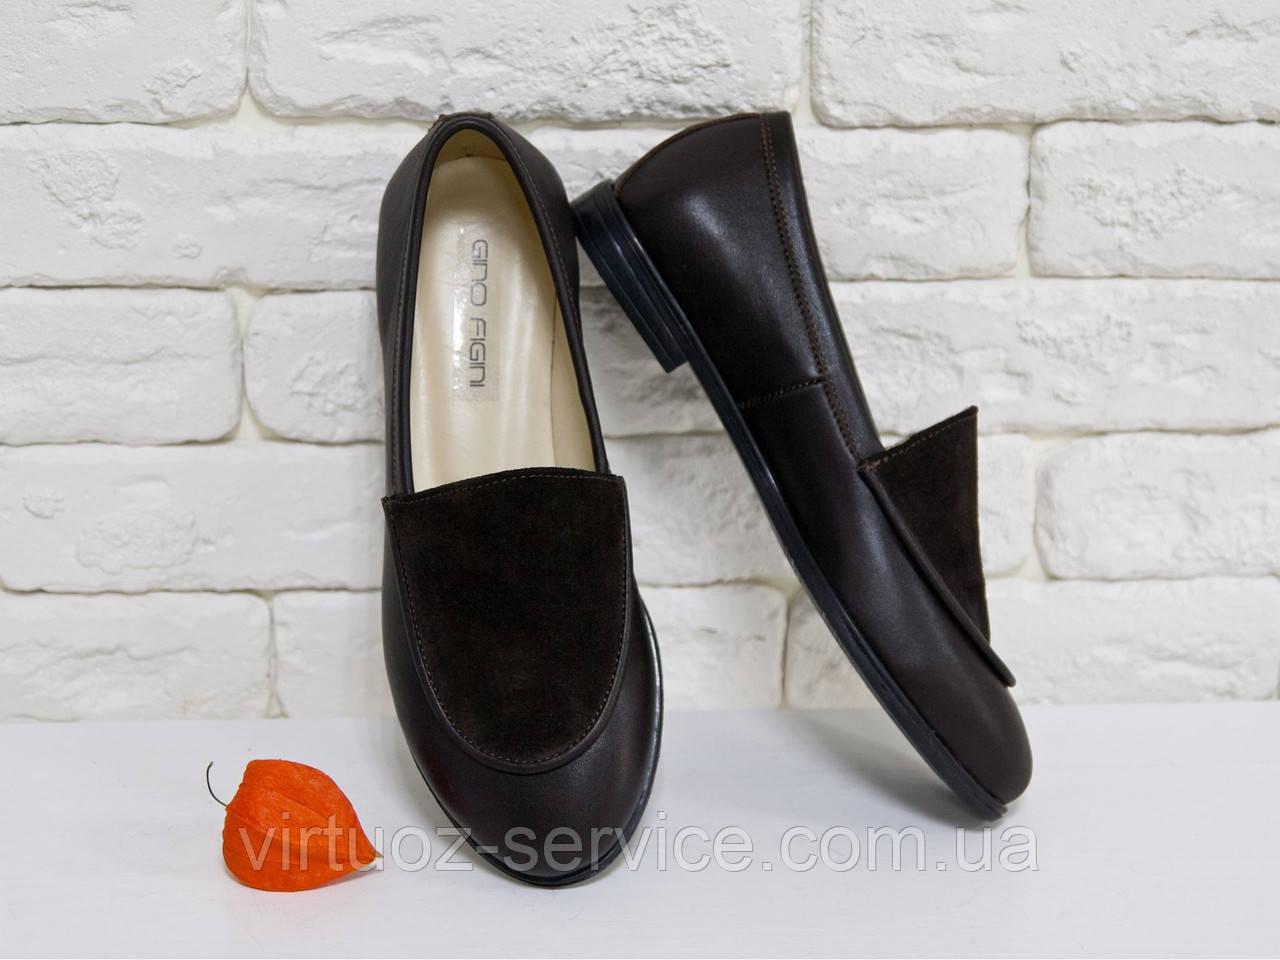 Туфли Gino Figini Т-17060-01 из натуральной кожи 40 Черные